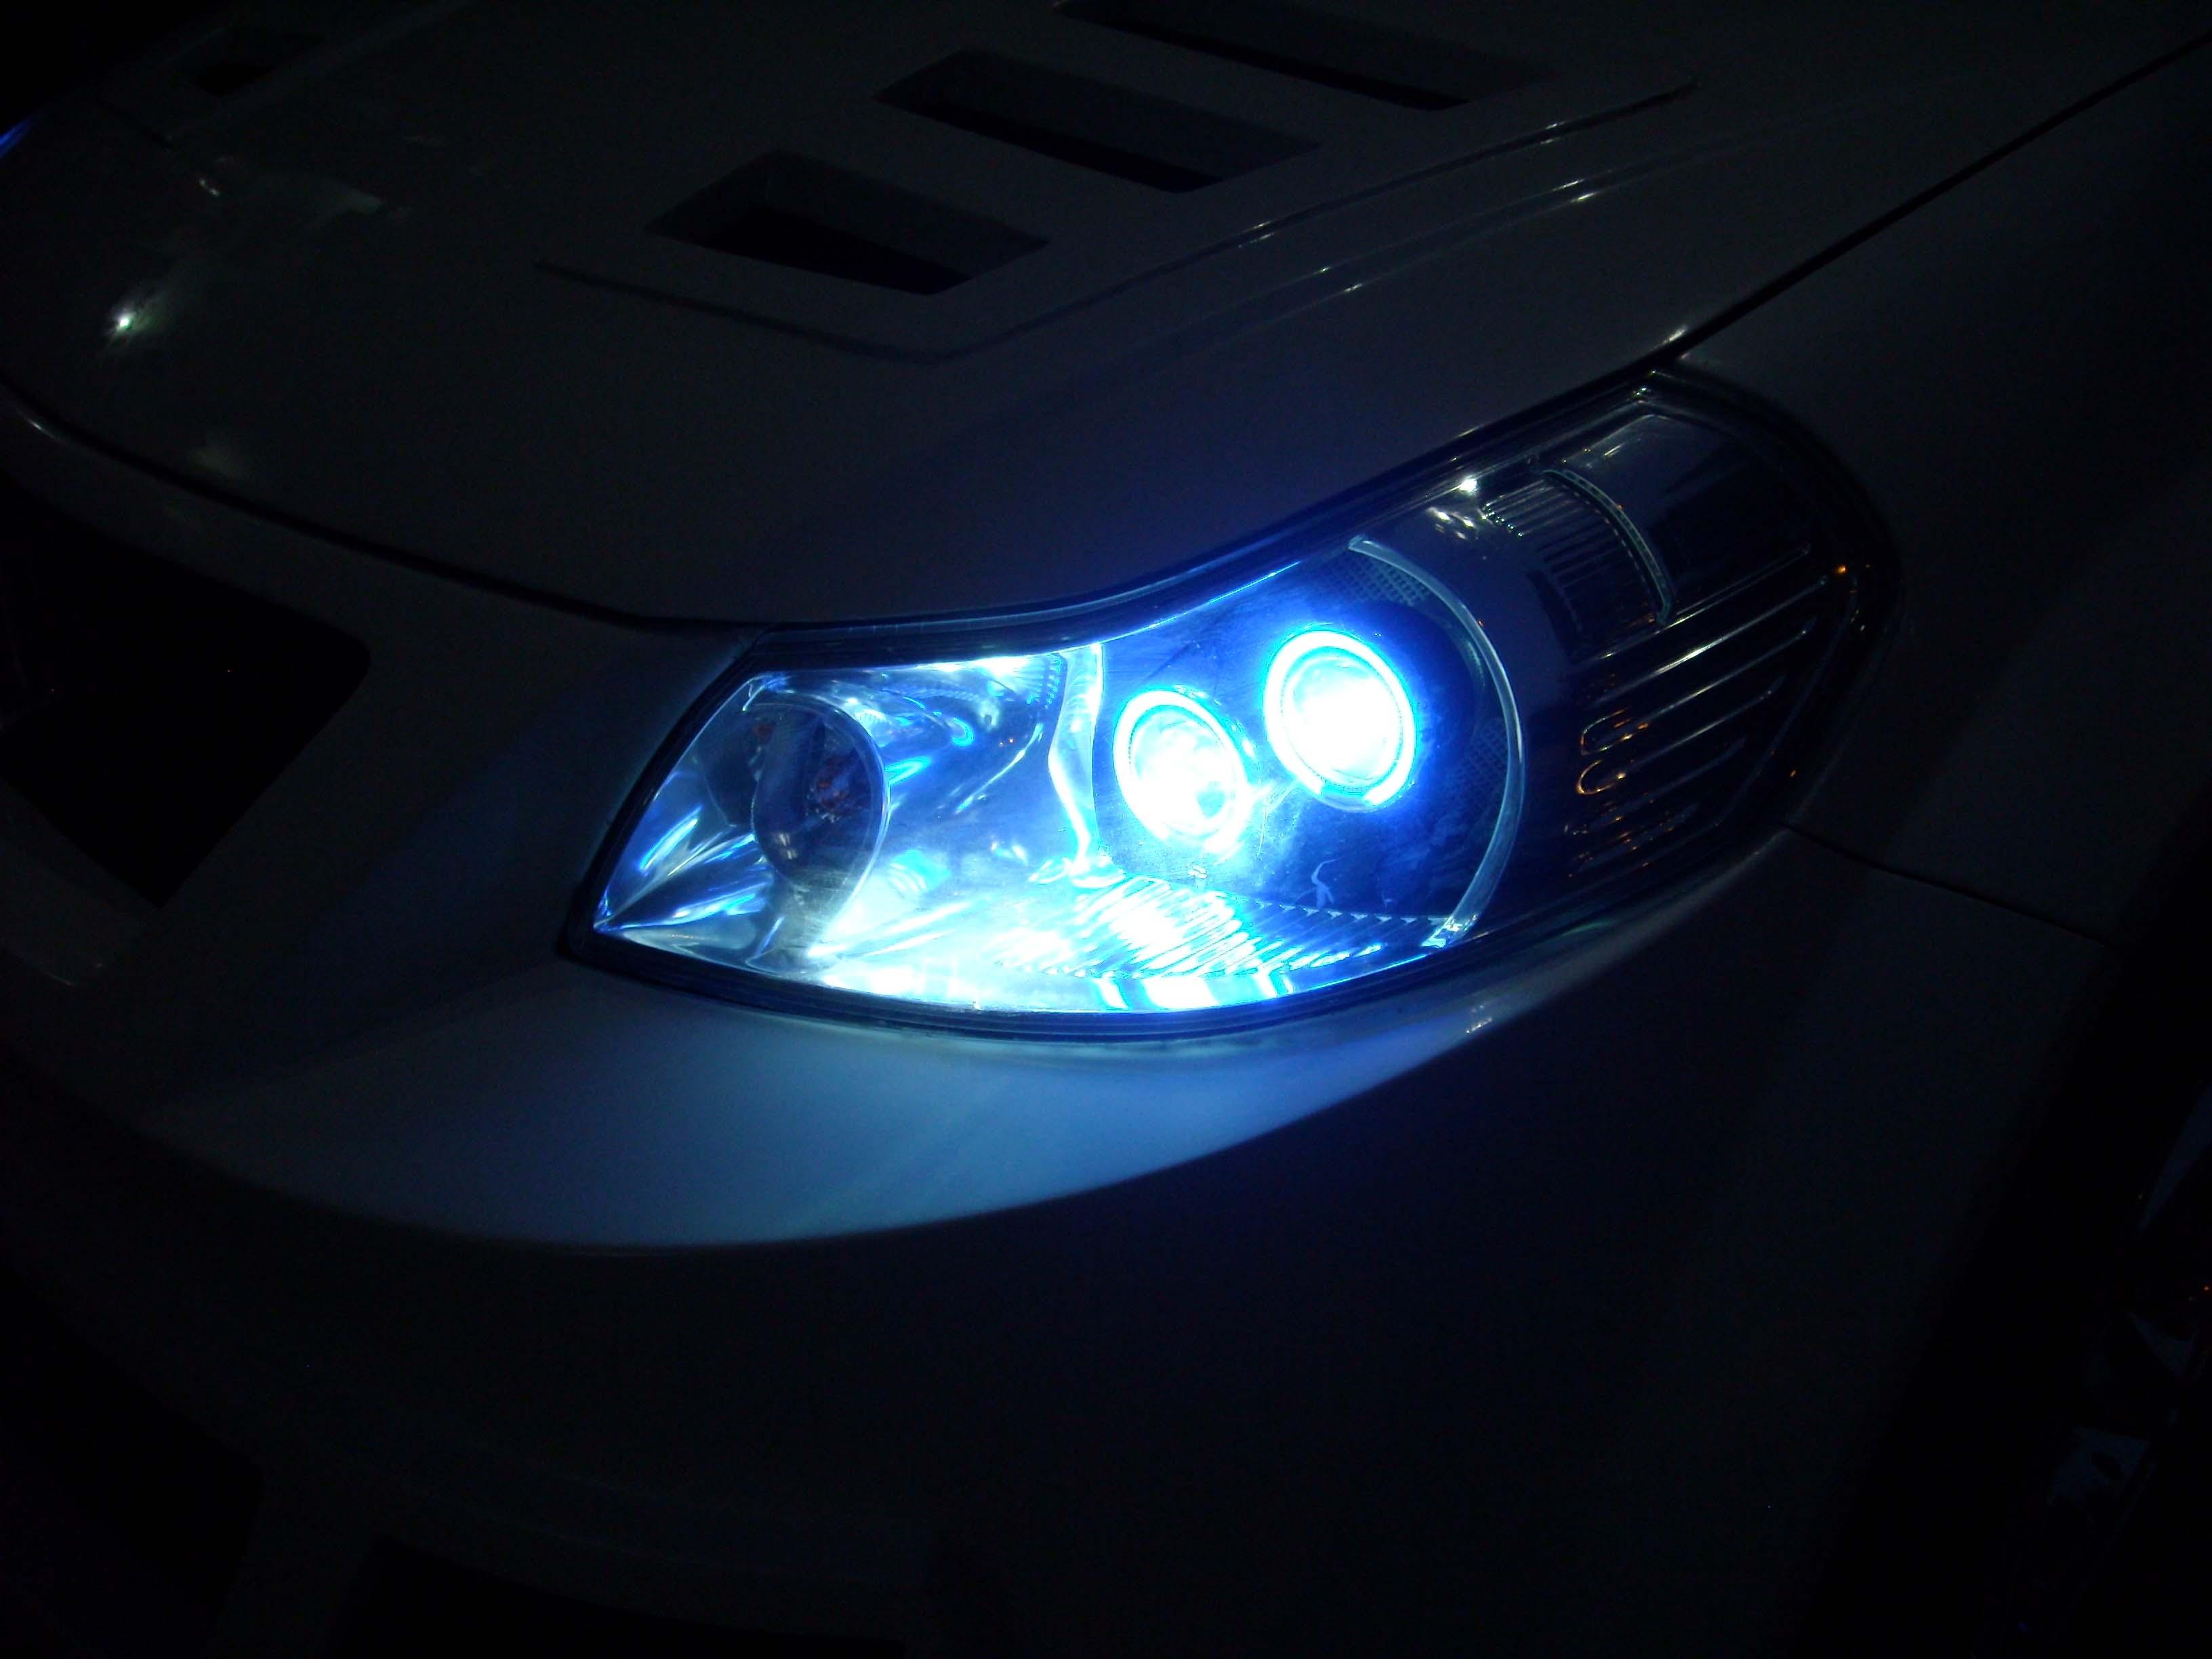 Maruti Suzuki Sx4 Projector Headlights In Delhi Sx4 Car Lenses And